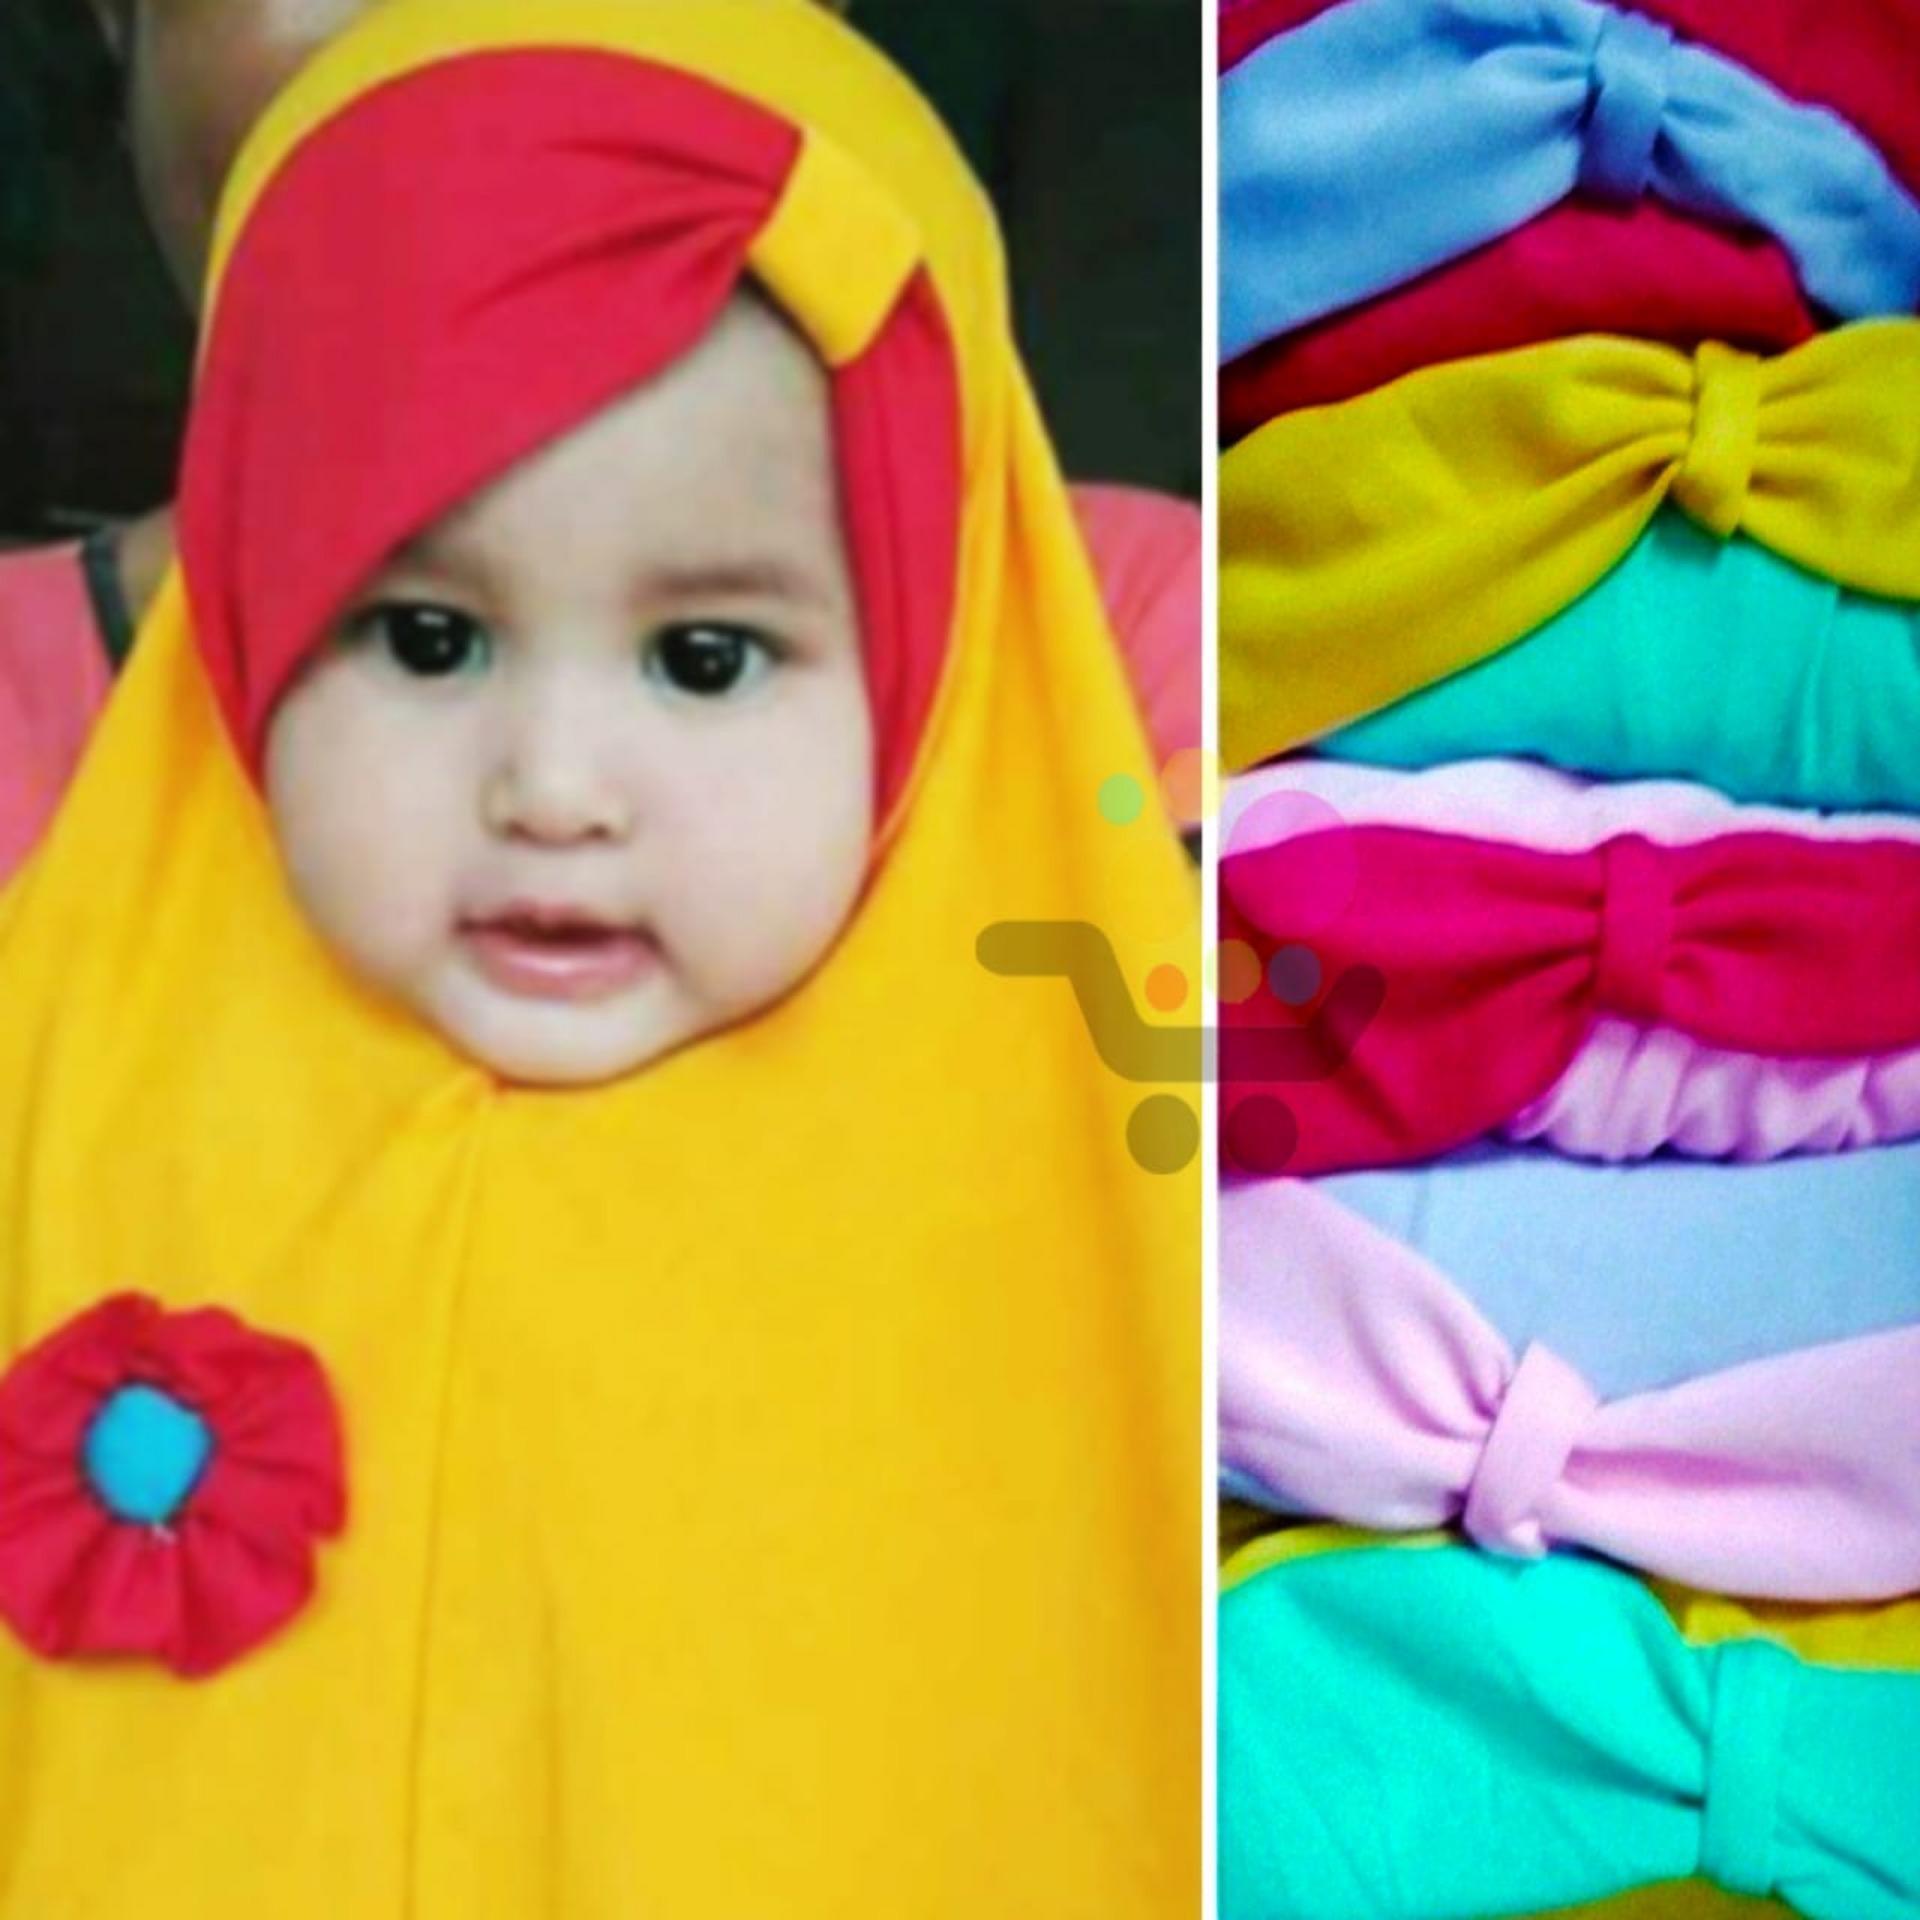 Fitur Kerudung Anak Bayi Salsa Jilbab Anak Bayi Jilbab Bayi Hijab